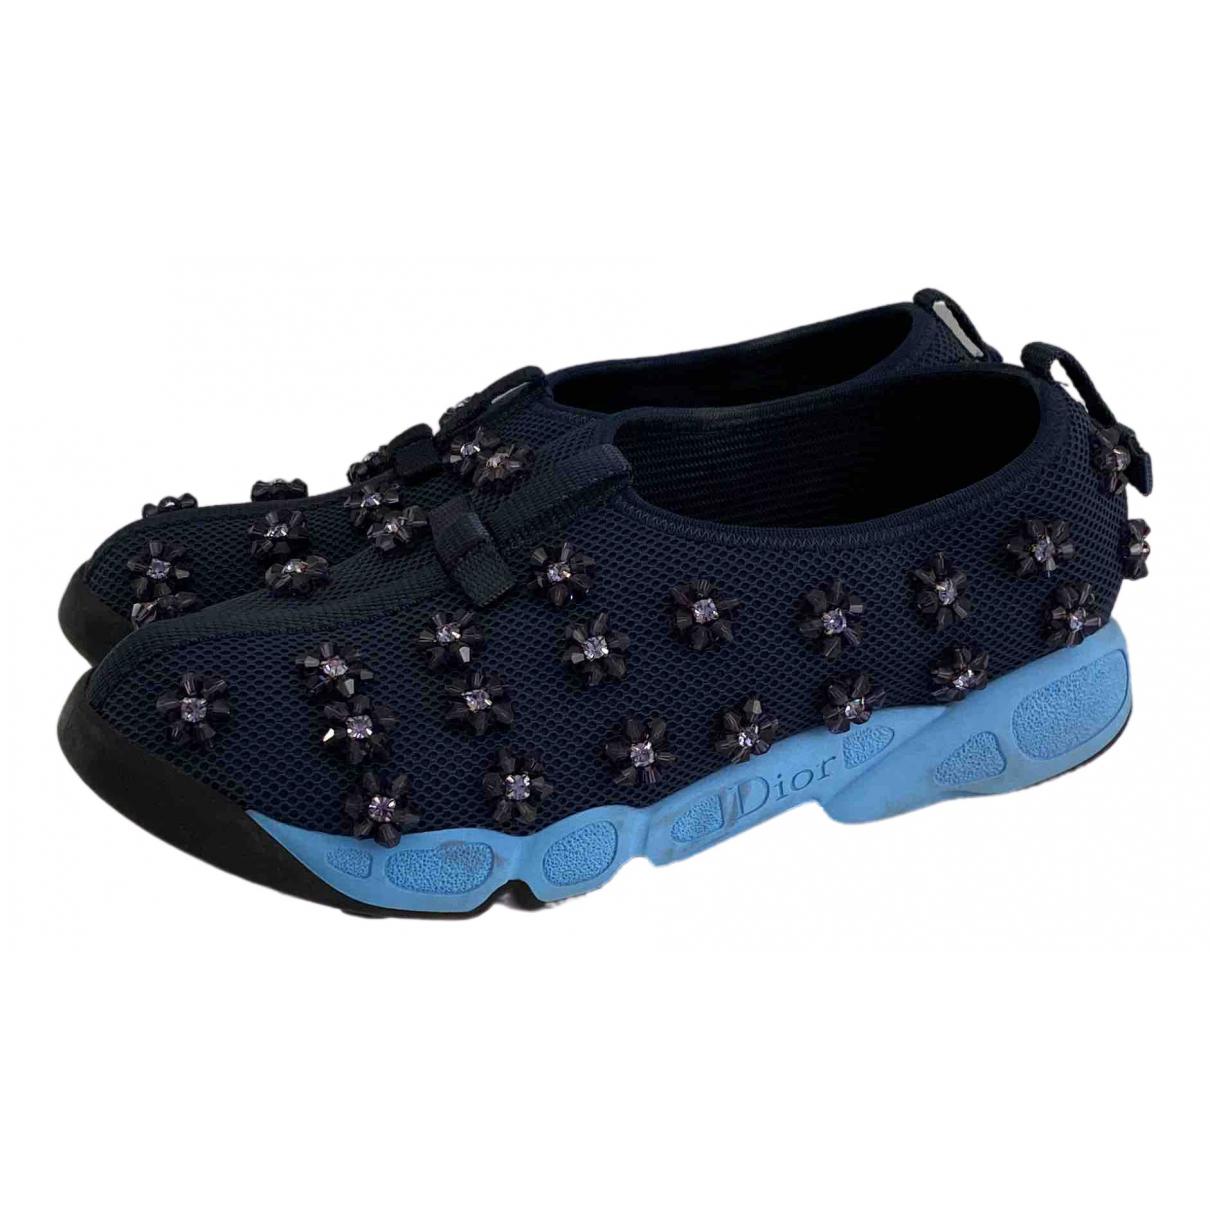 Dior - Baskets Dior Fusion pour femme en a paillettes - bleu